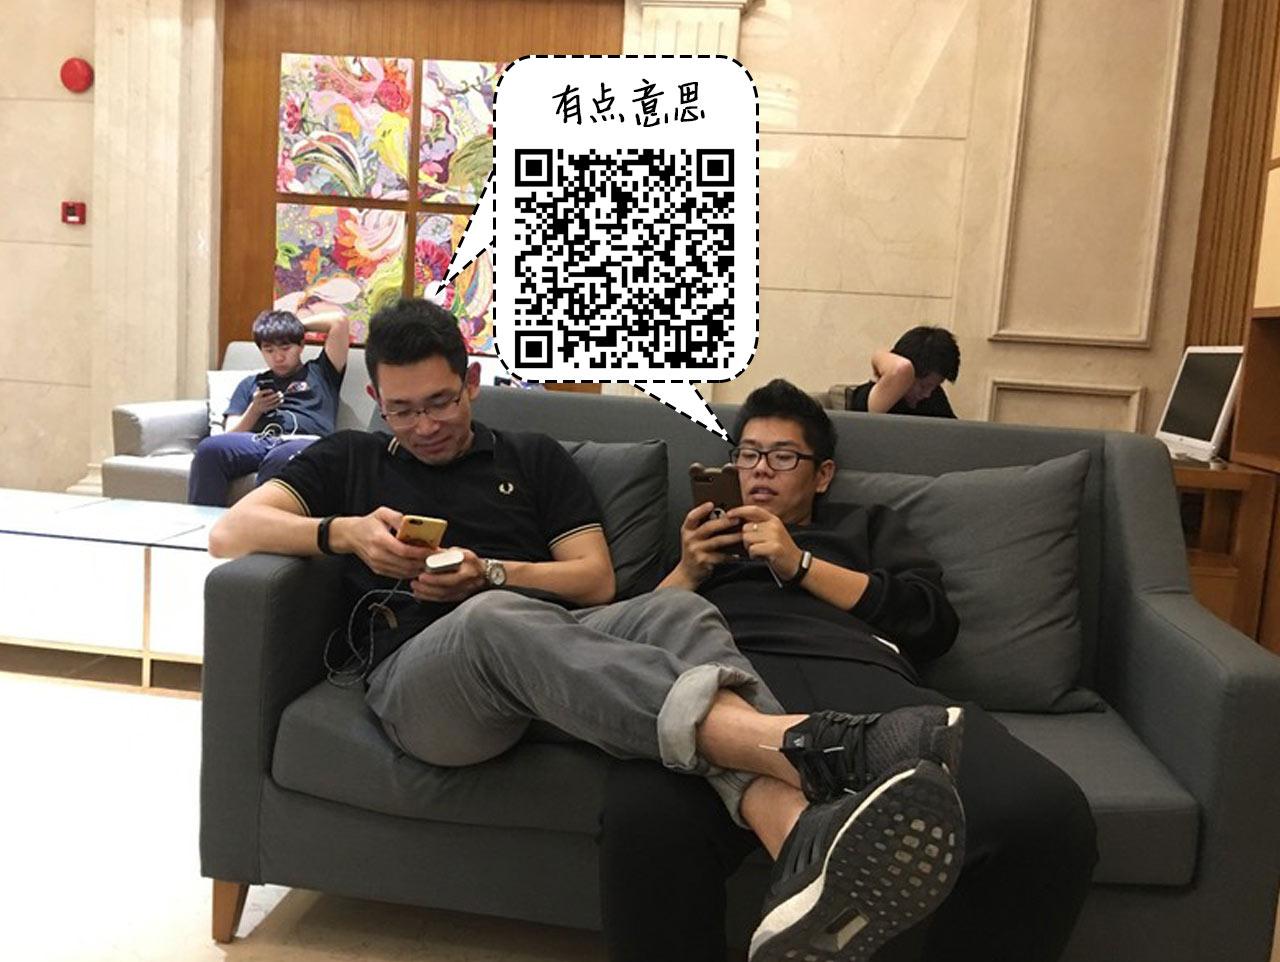 http://img.news18a.com/community/20170420/xc_58f78db0d69b8.JPG